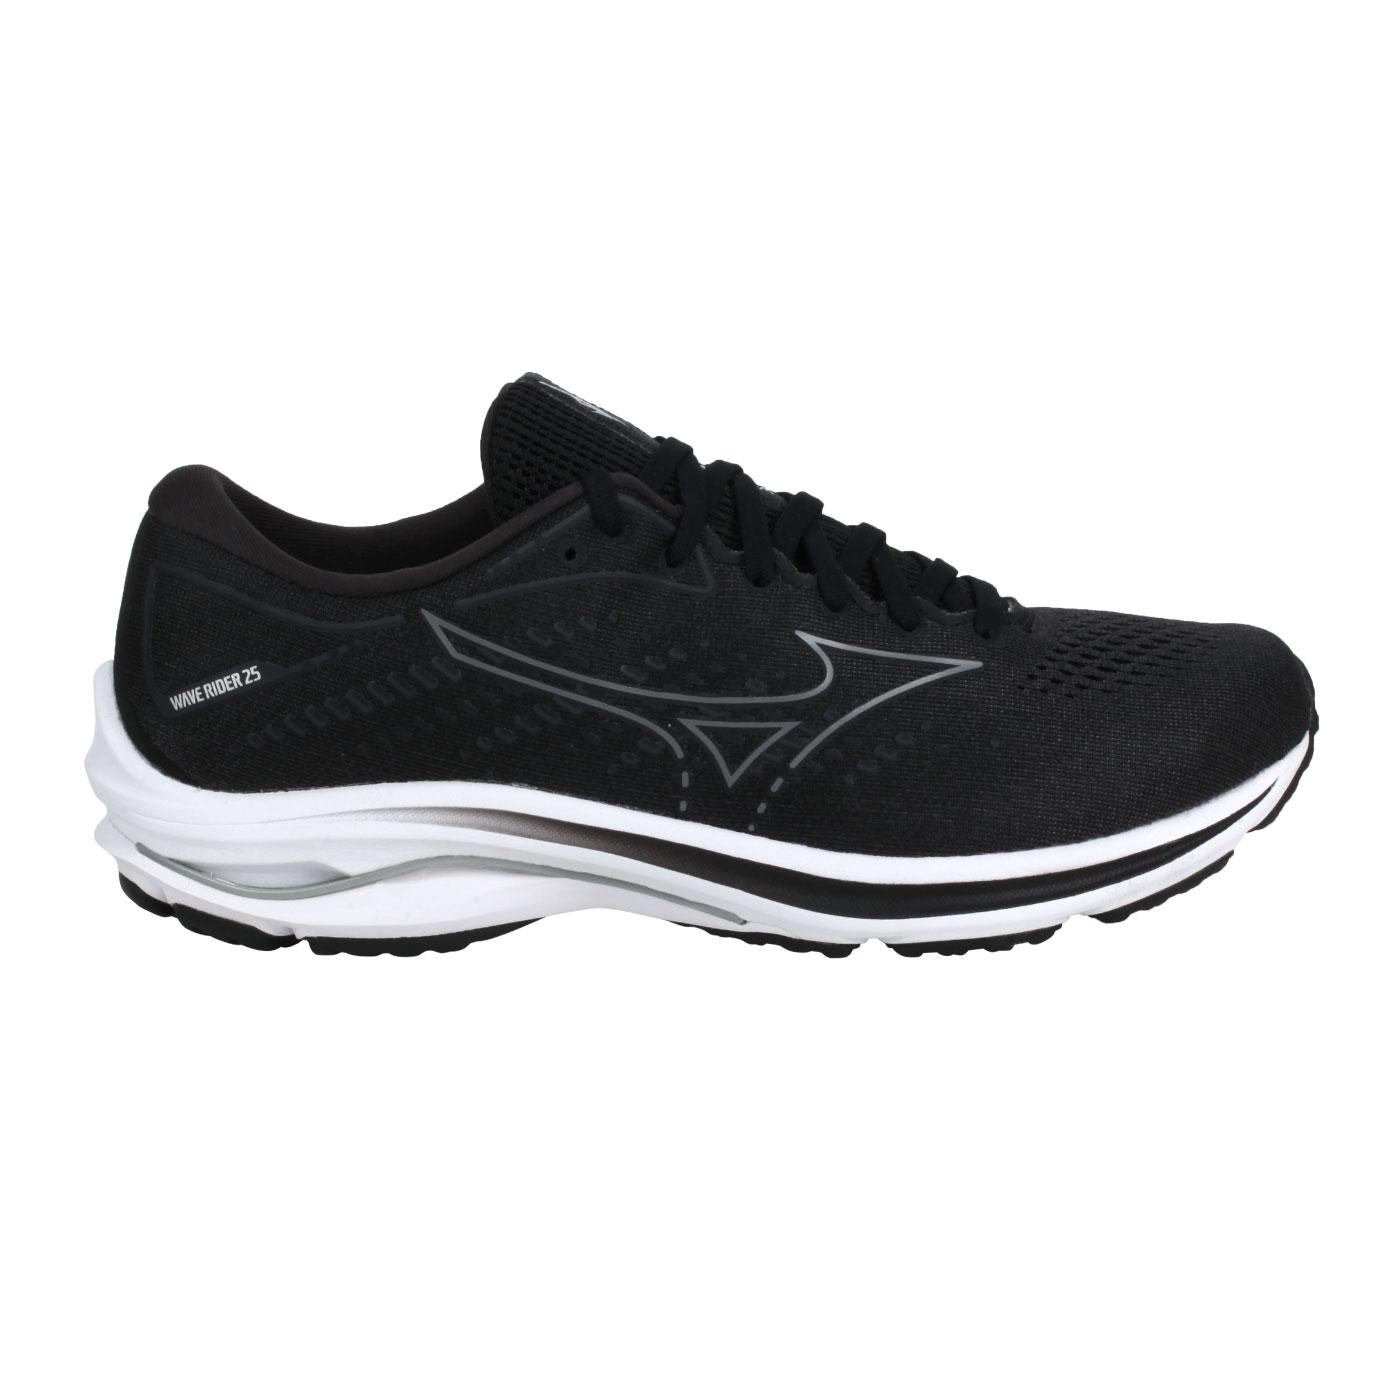 MIZUNO 特定-男款慢跑鞋-2E  @WAVE RIDER 25 SW@J1GC210434